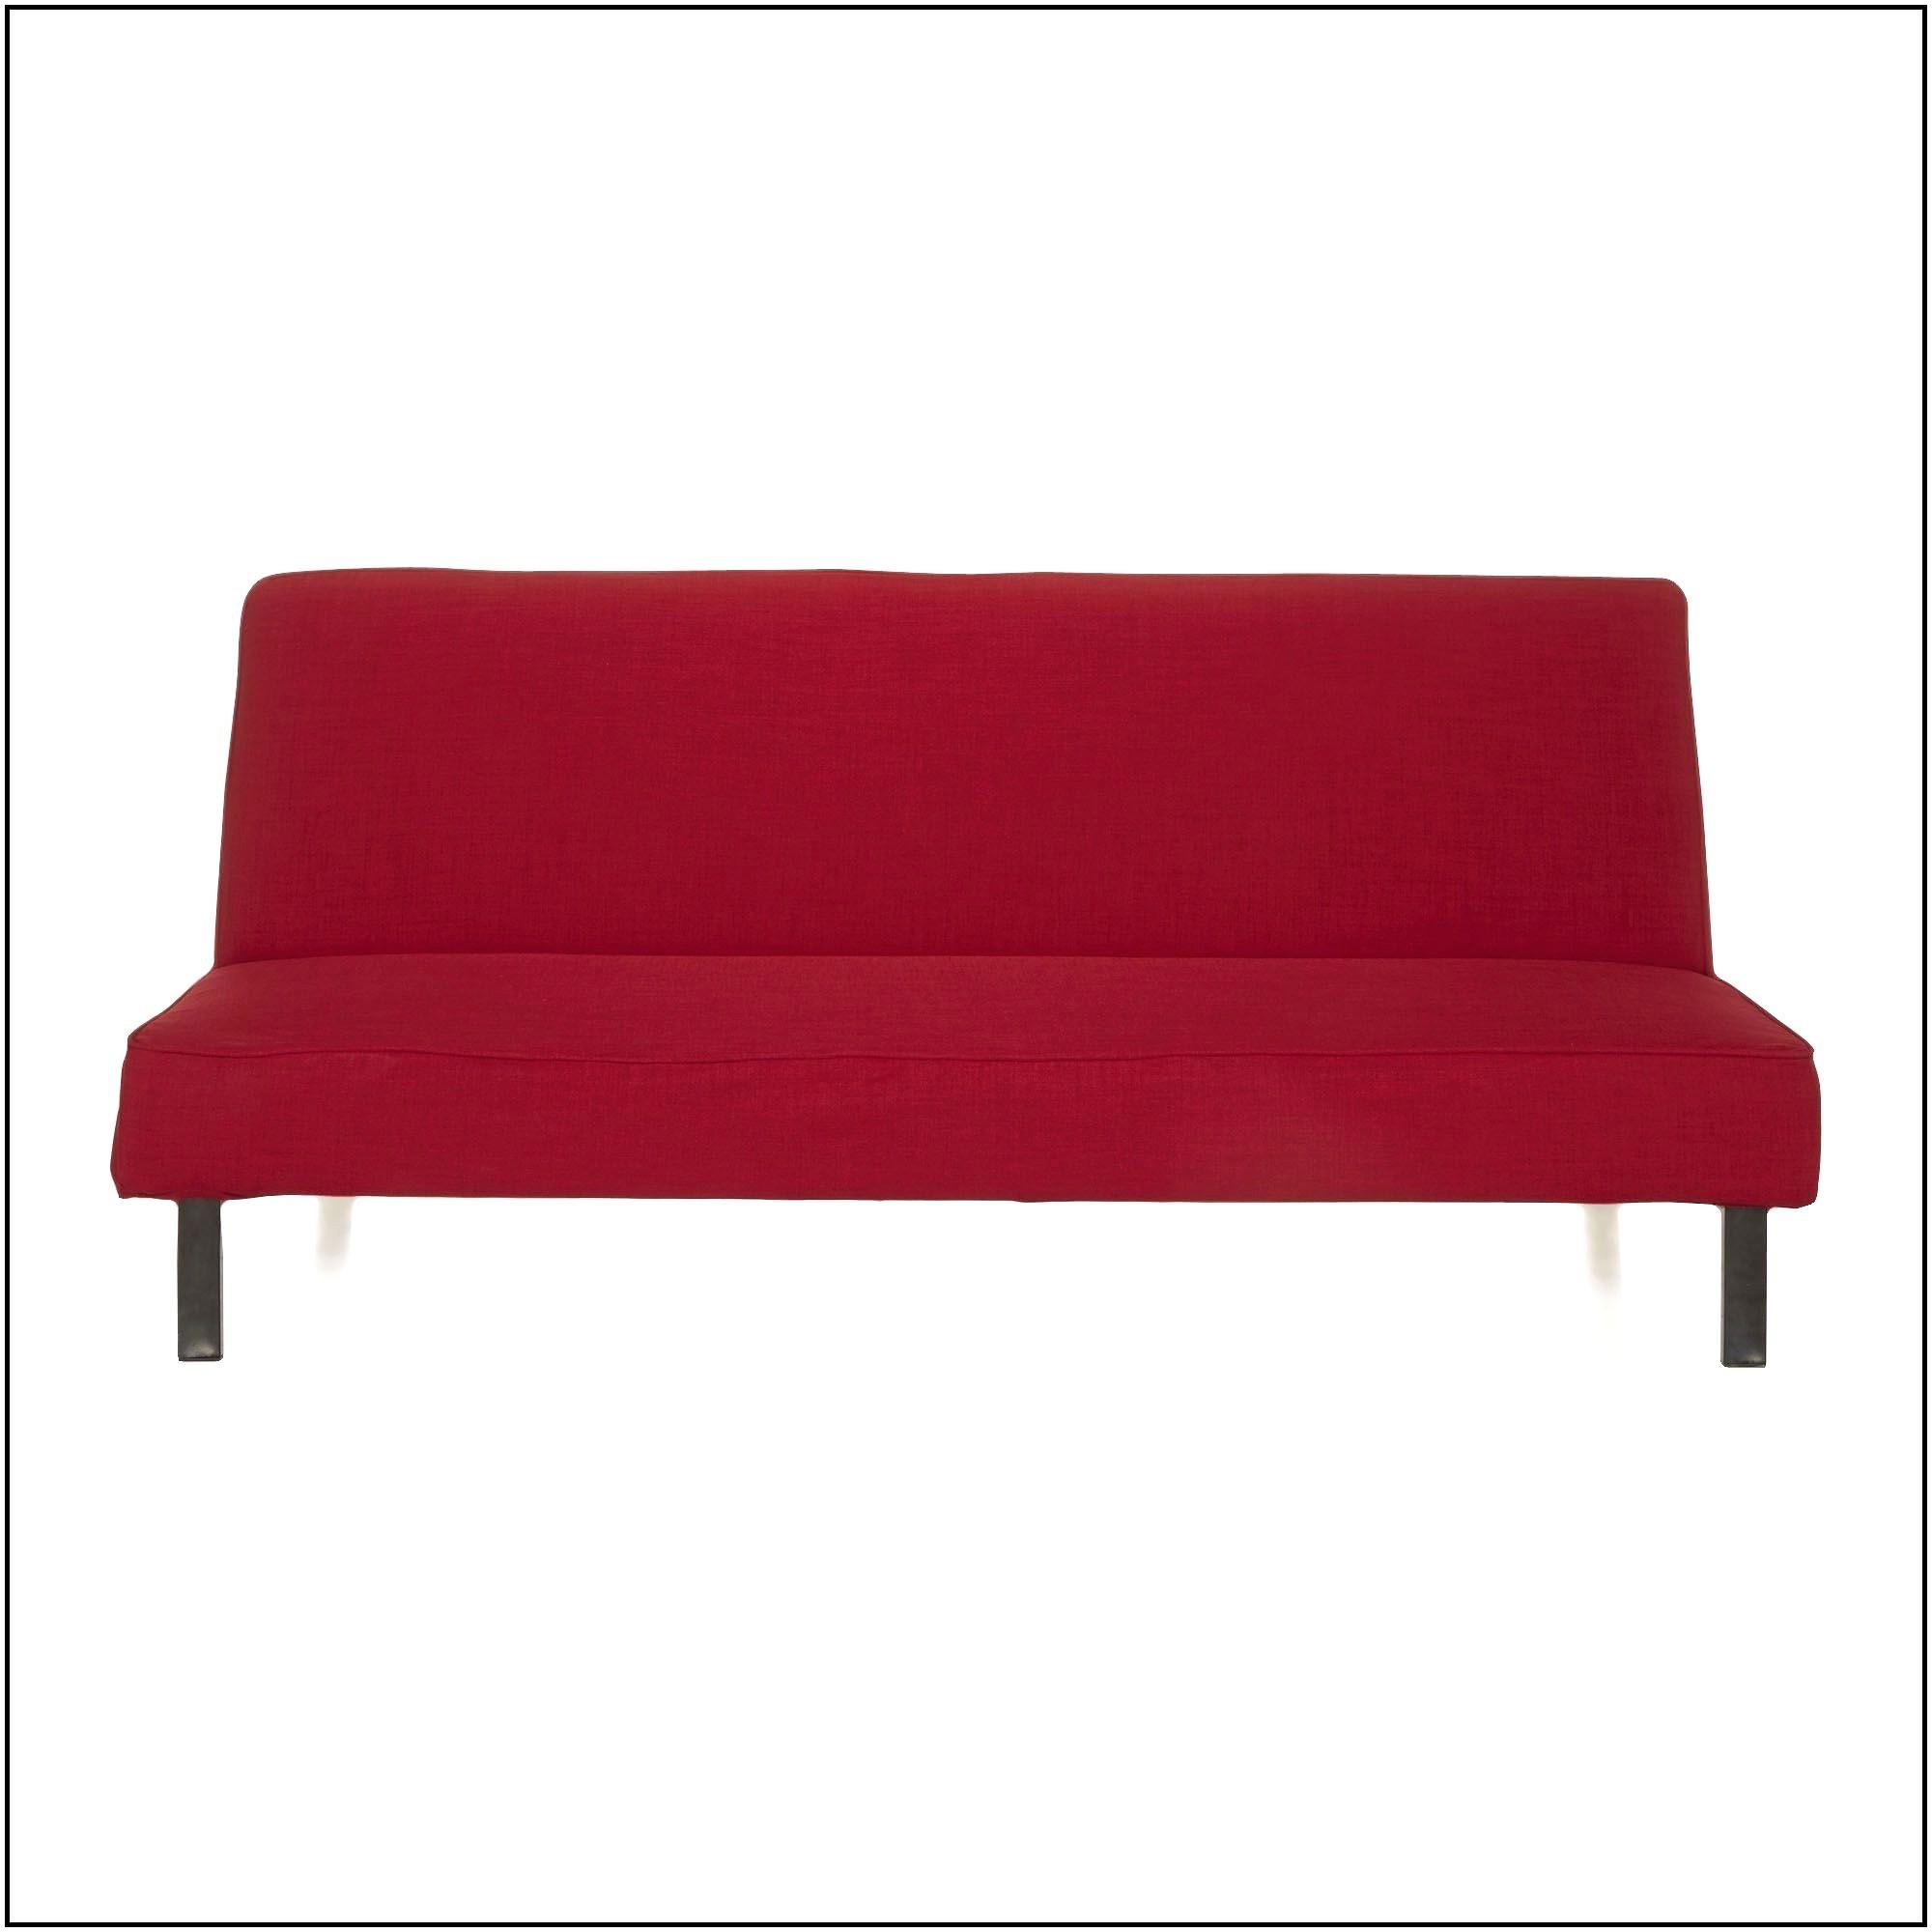 Housse Canapé Bz Ikea Impressionnant Image 17 Nouveau Housse Canapé Clic Clac Clintonvillearts